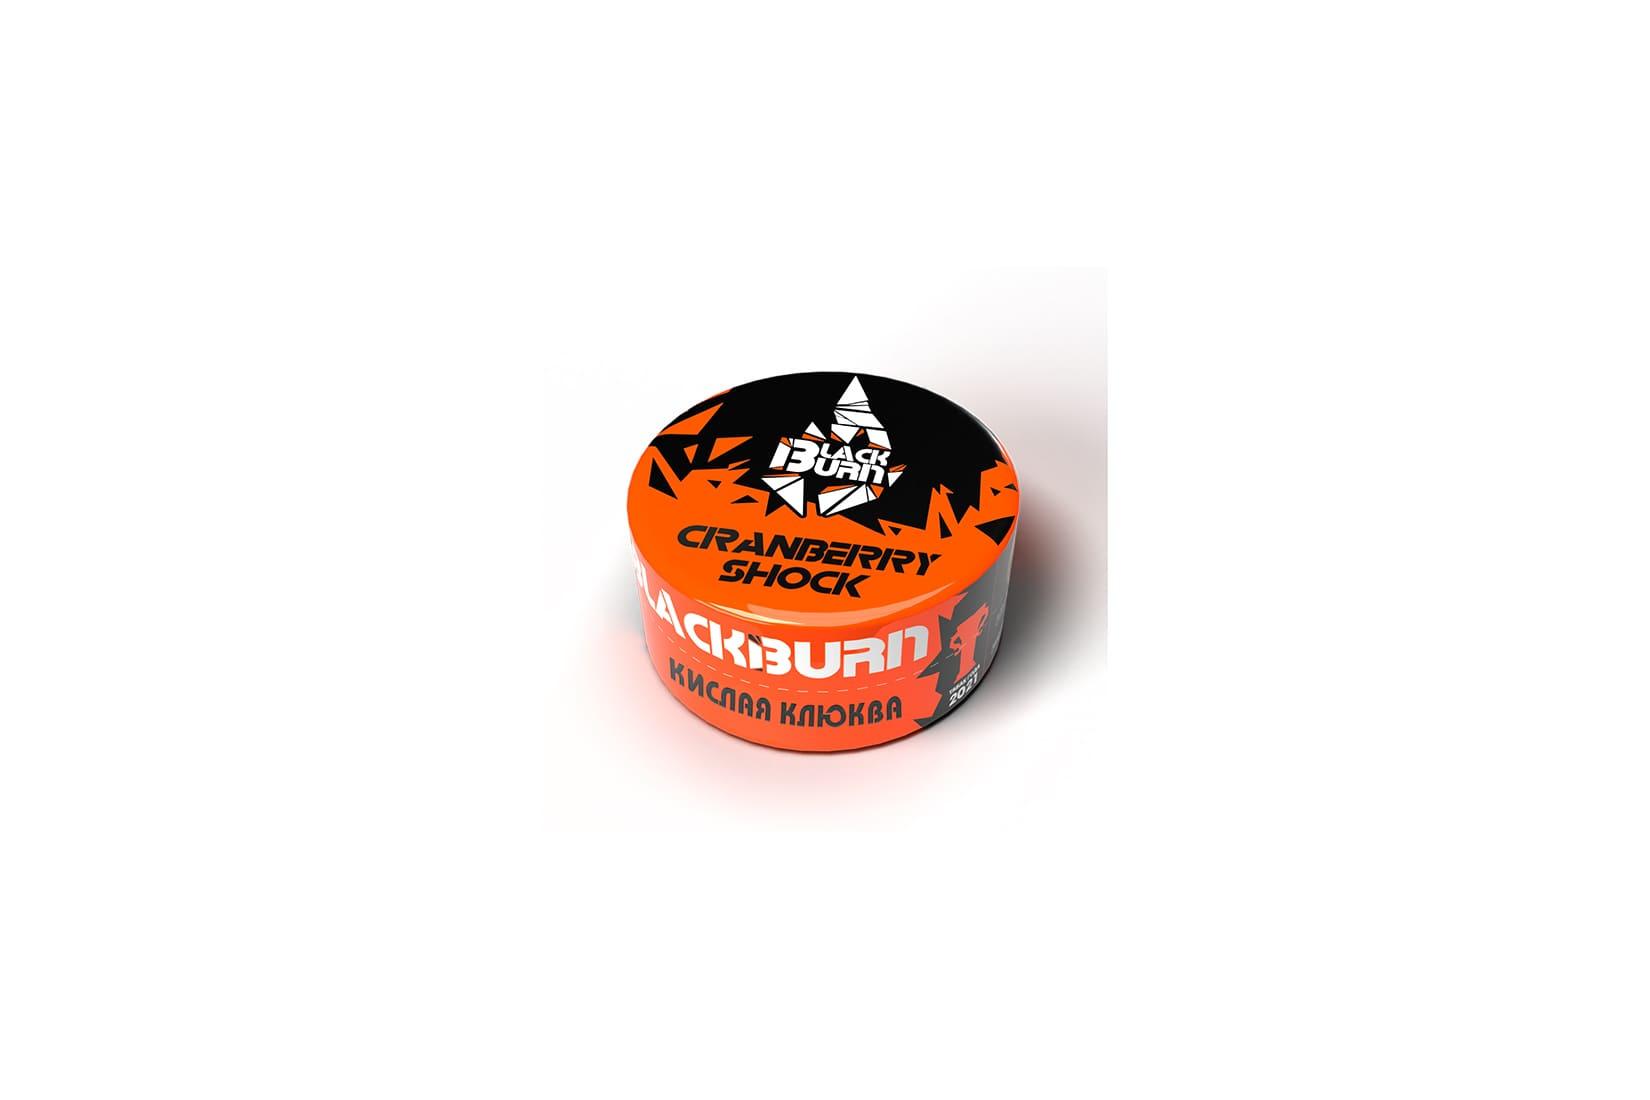 Табак для кальяна Black Burn Cranberry Shock – описание, миксы, отзывы